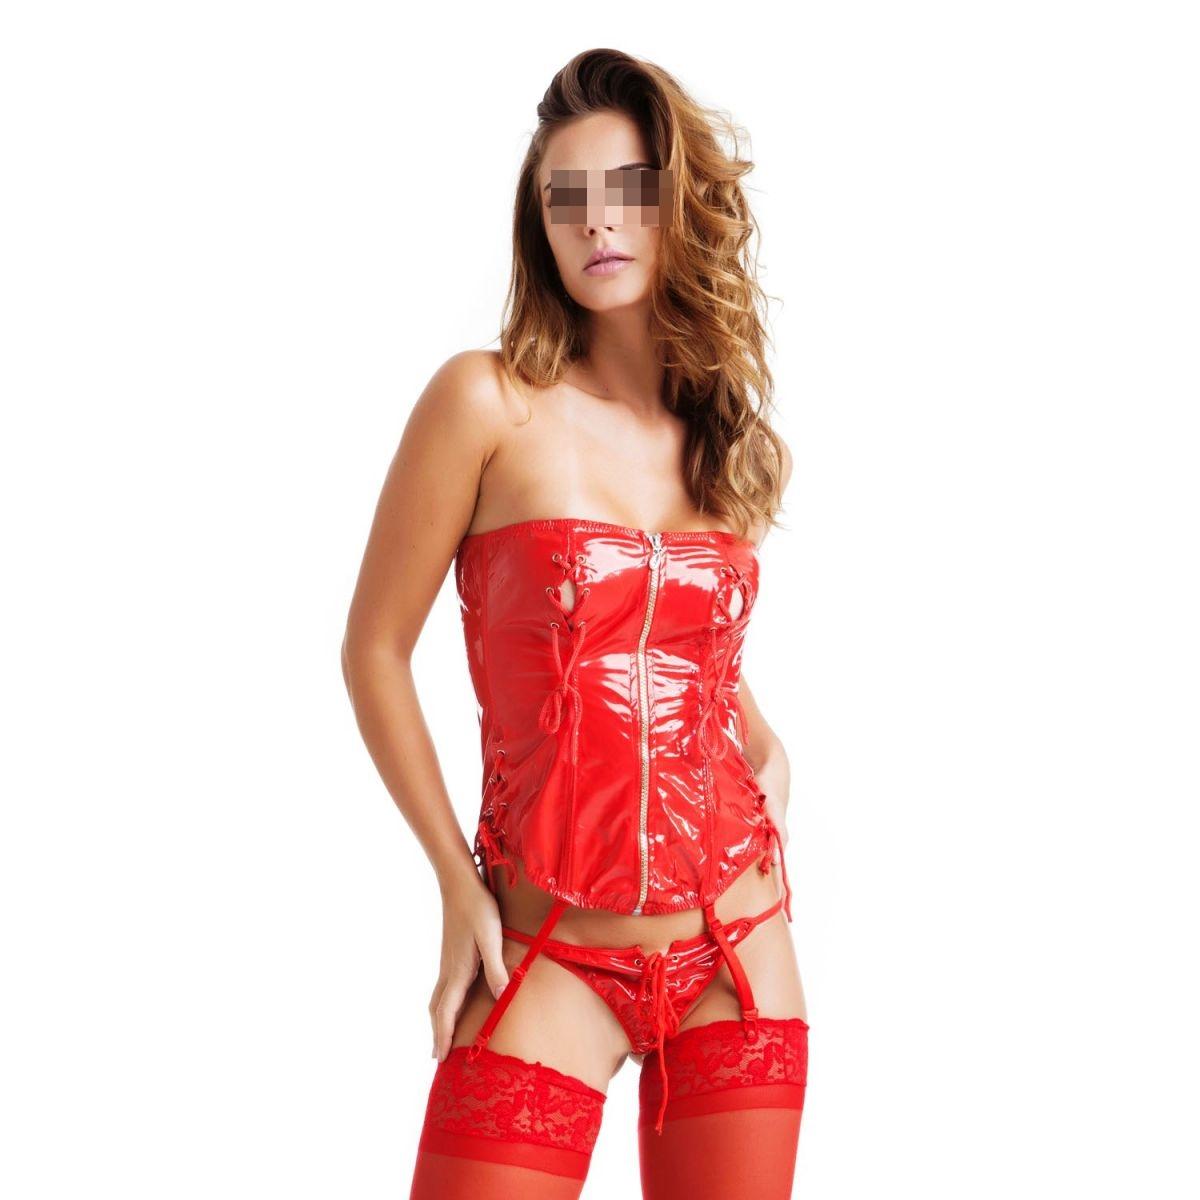 Espartilho Courvin com Ziper Vermelho - Espartilho, calcinha,  cinta-liga, meias arrastão 7/8. Refer: 8742/0104